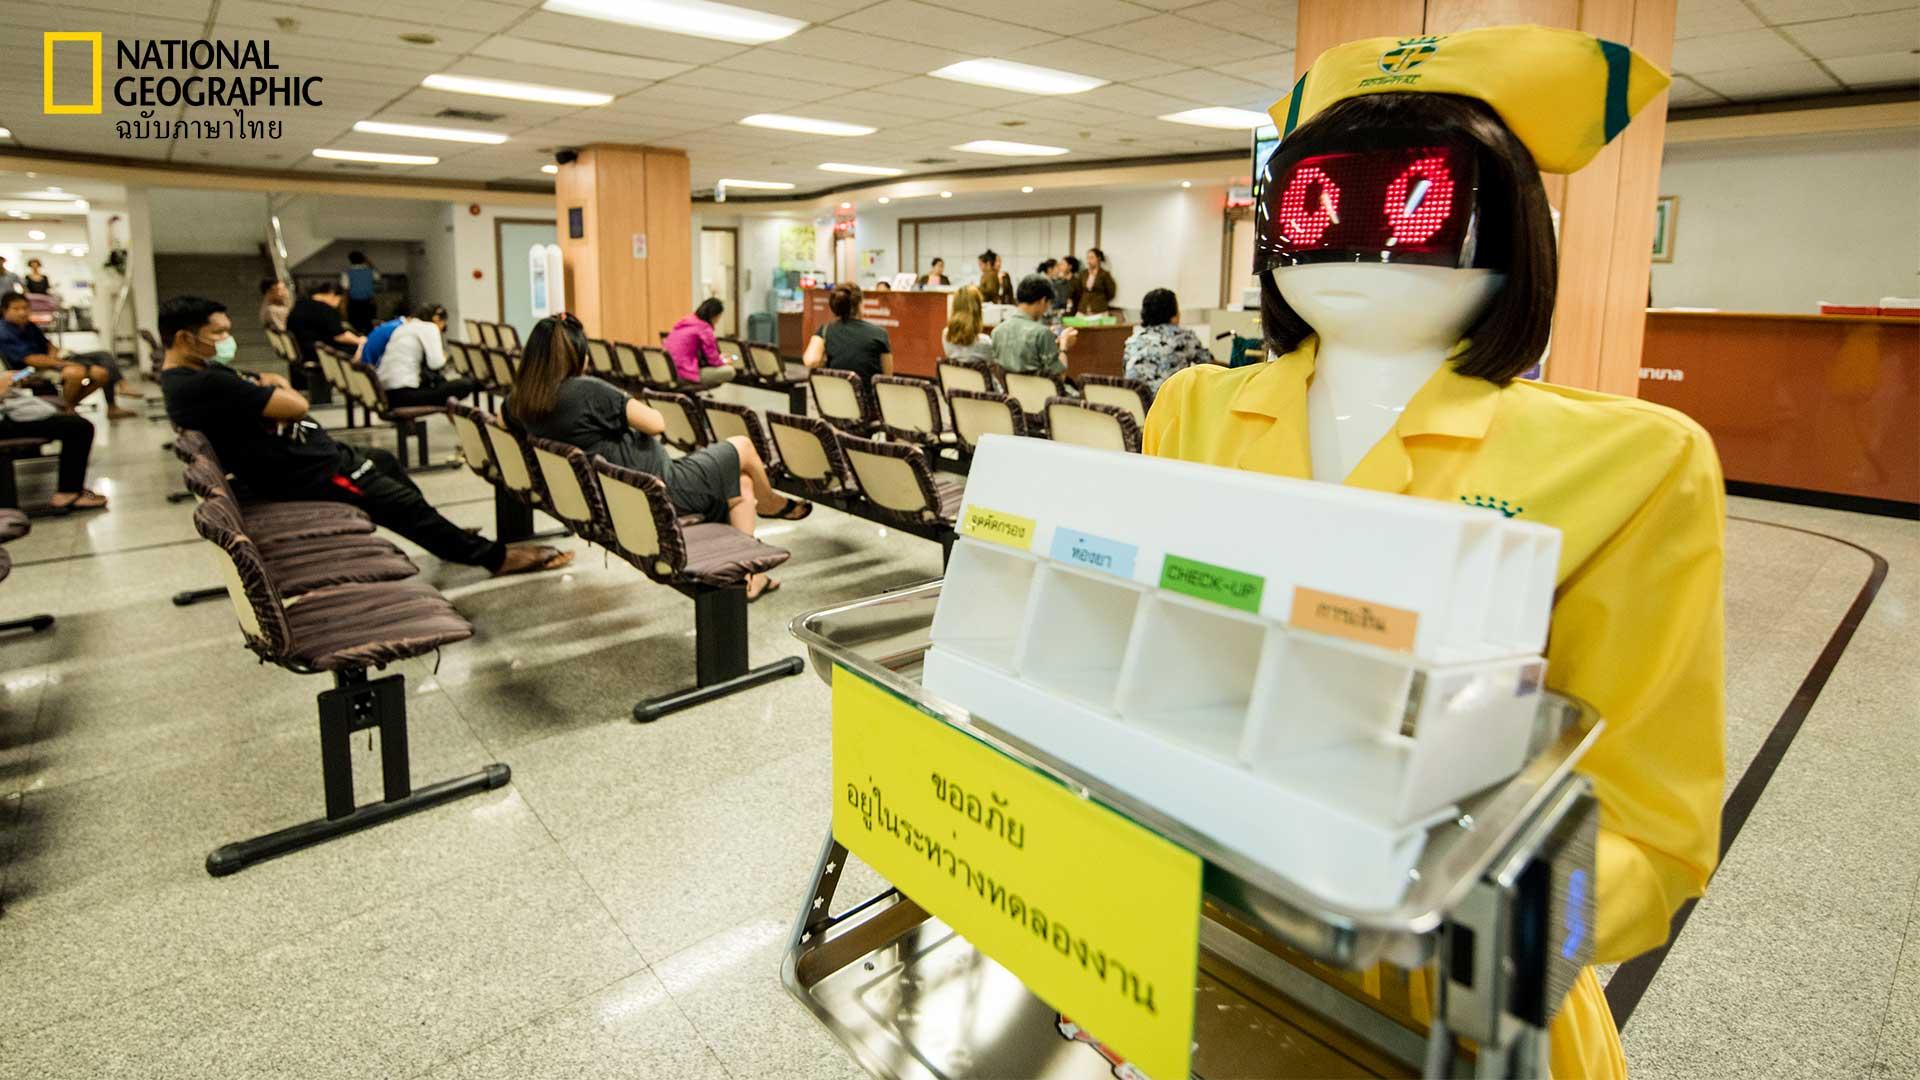 พยาบาลหุ่นยนต์